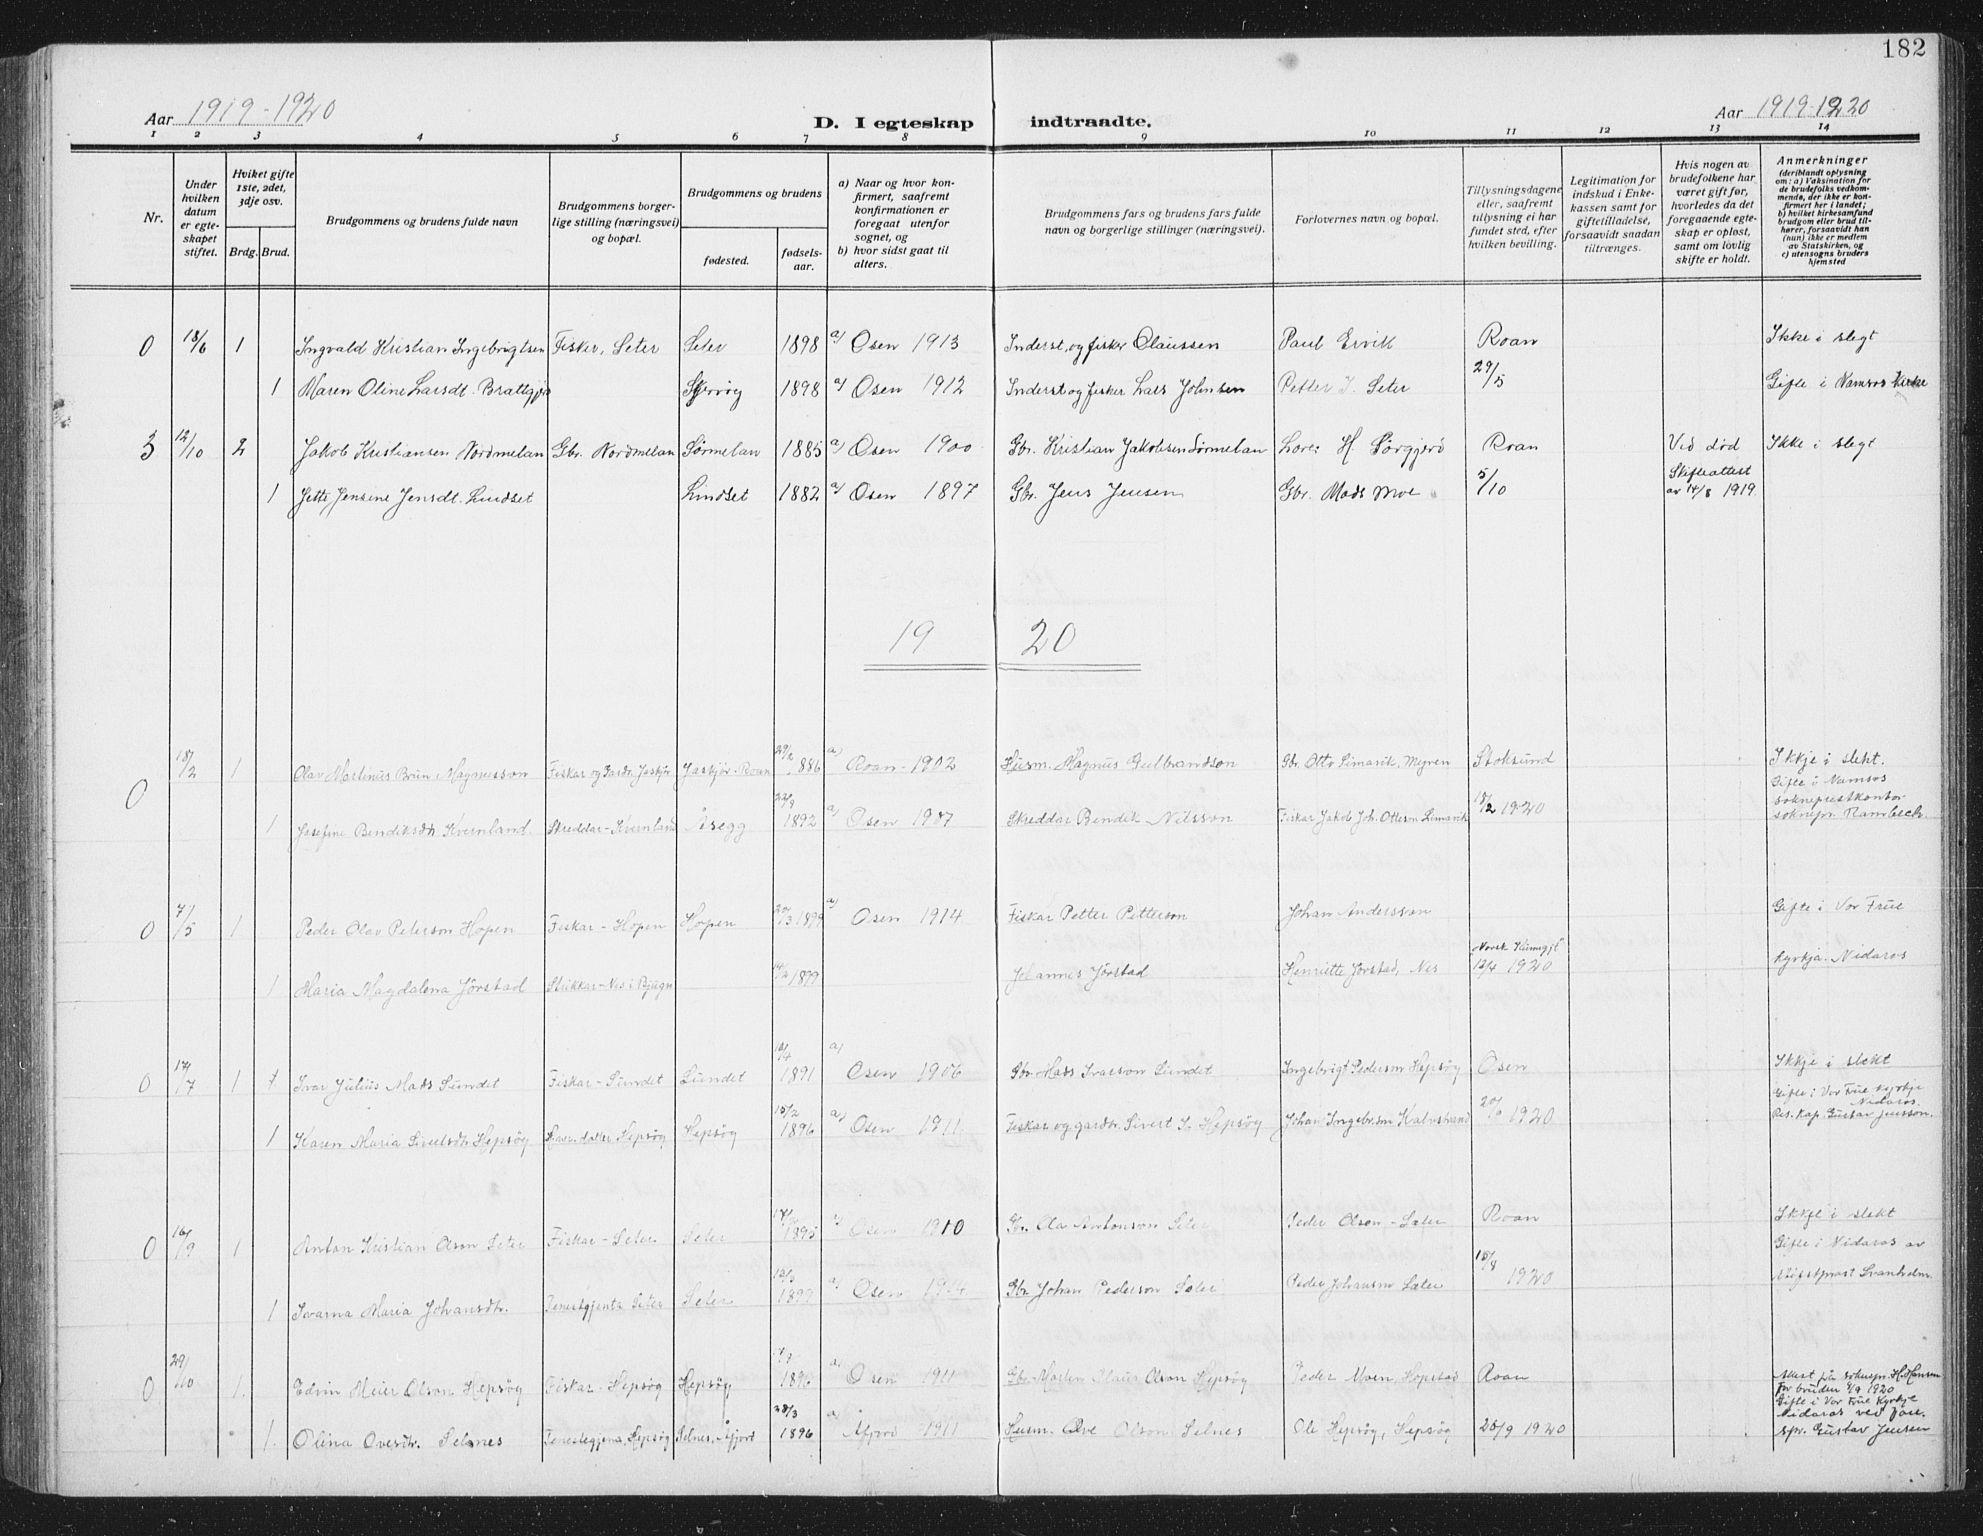 SAT, Ministerialprotokoller, klokkerbøker og fødselsregistre - Sør-Trøndelag, 658/L0727: Klokkerbok nr. 658C03, 1909-1935, s. 182